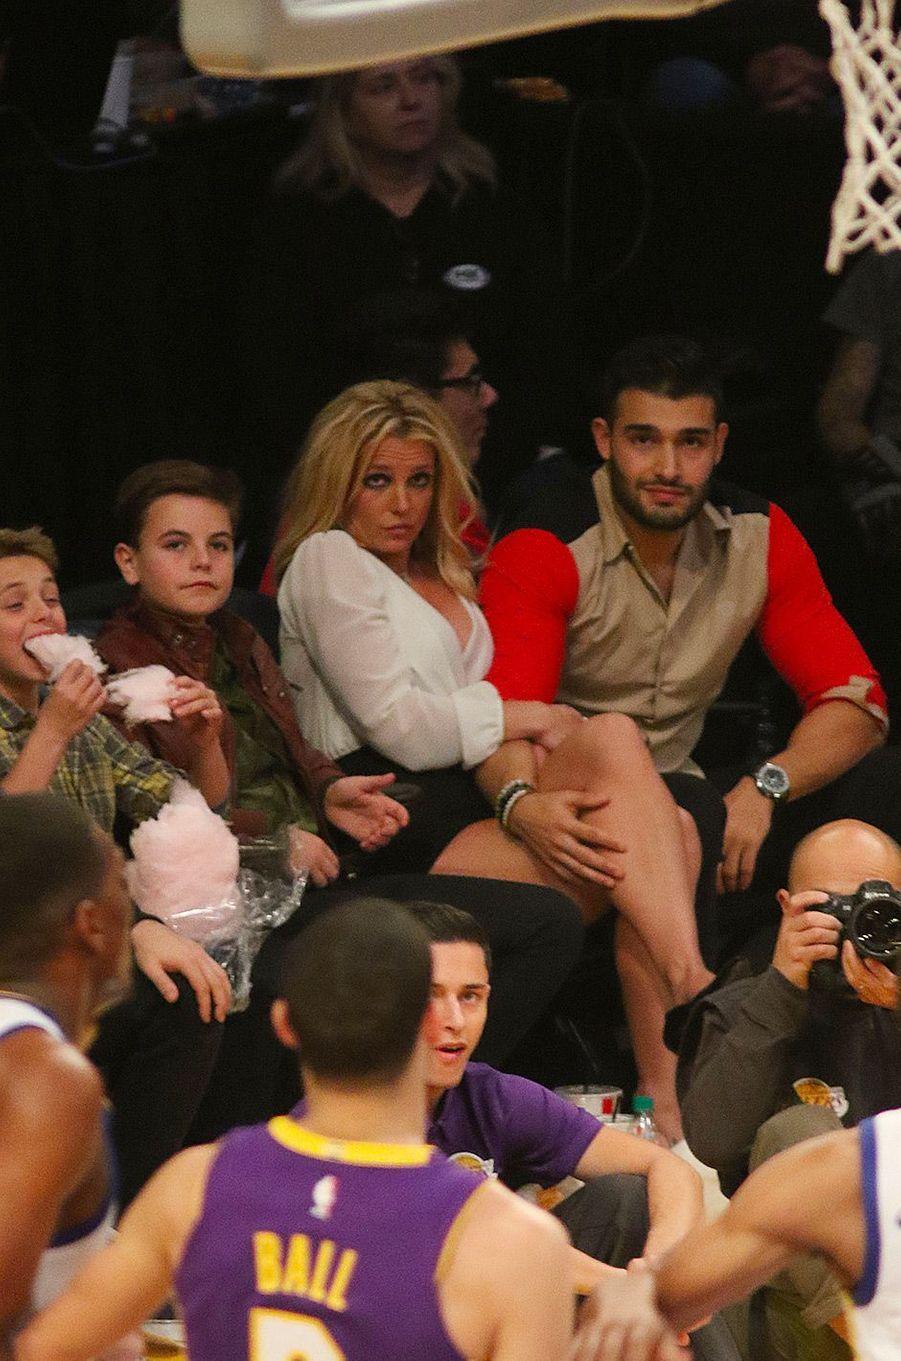 Britney Spears avec son compagnon Sam Asghari et ses deux enfants Sean et Jayden au Staples Center, Los Angeles